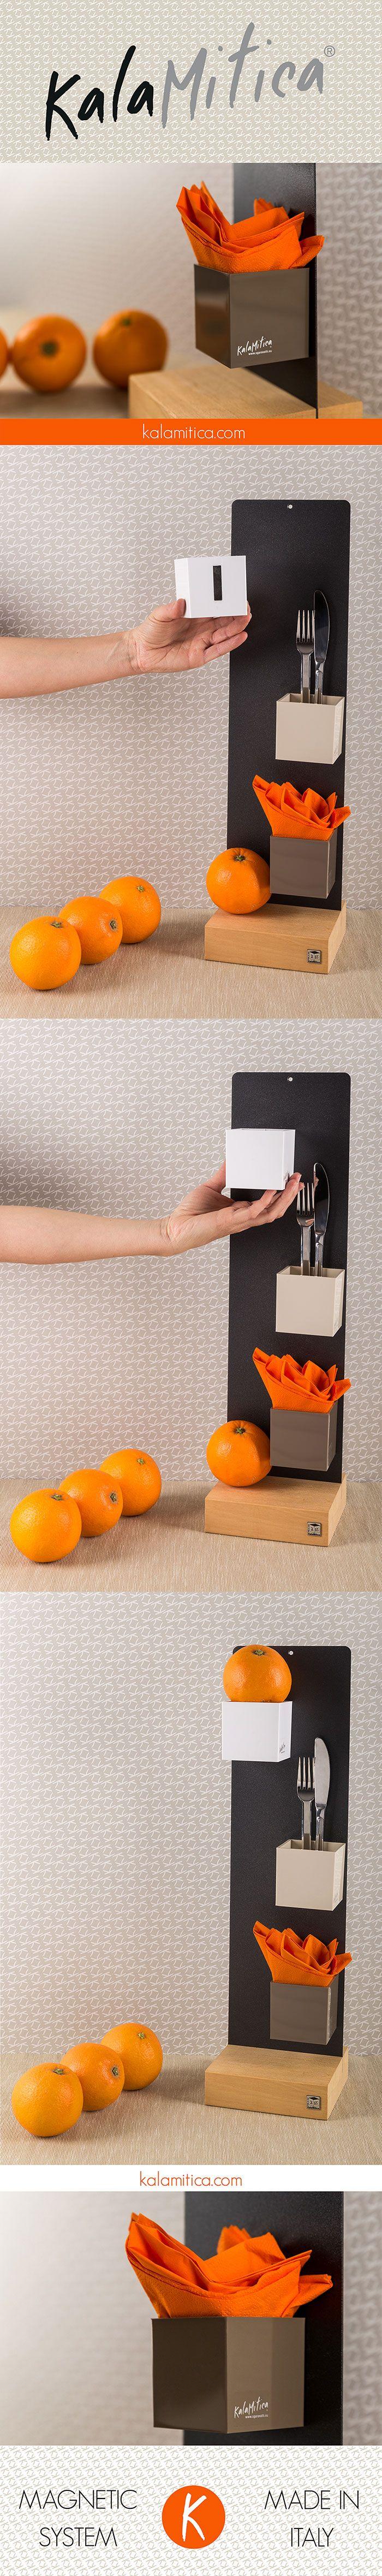 KALAMITICA IS... VITAMIN C FROM THE ORANGES Una proposta per organizzare il piano di lavoro della cucina. Si compone di una lavagna 14x50 cm color antracite con basetta in legno, set da tre cubi toni neutri (diam. cm 6). Per saperne di più: kalamitica.com